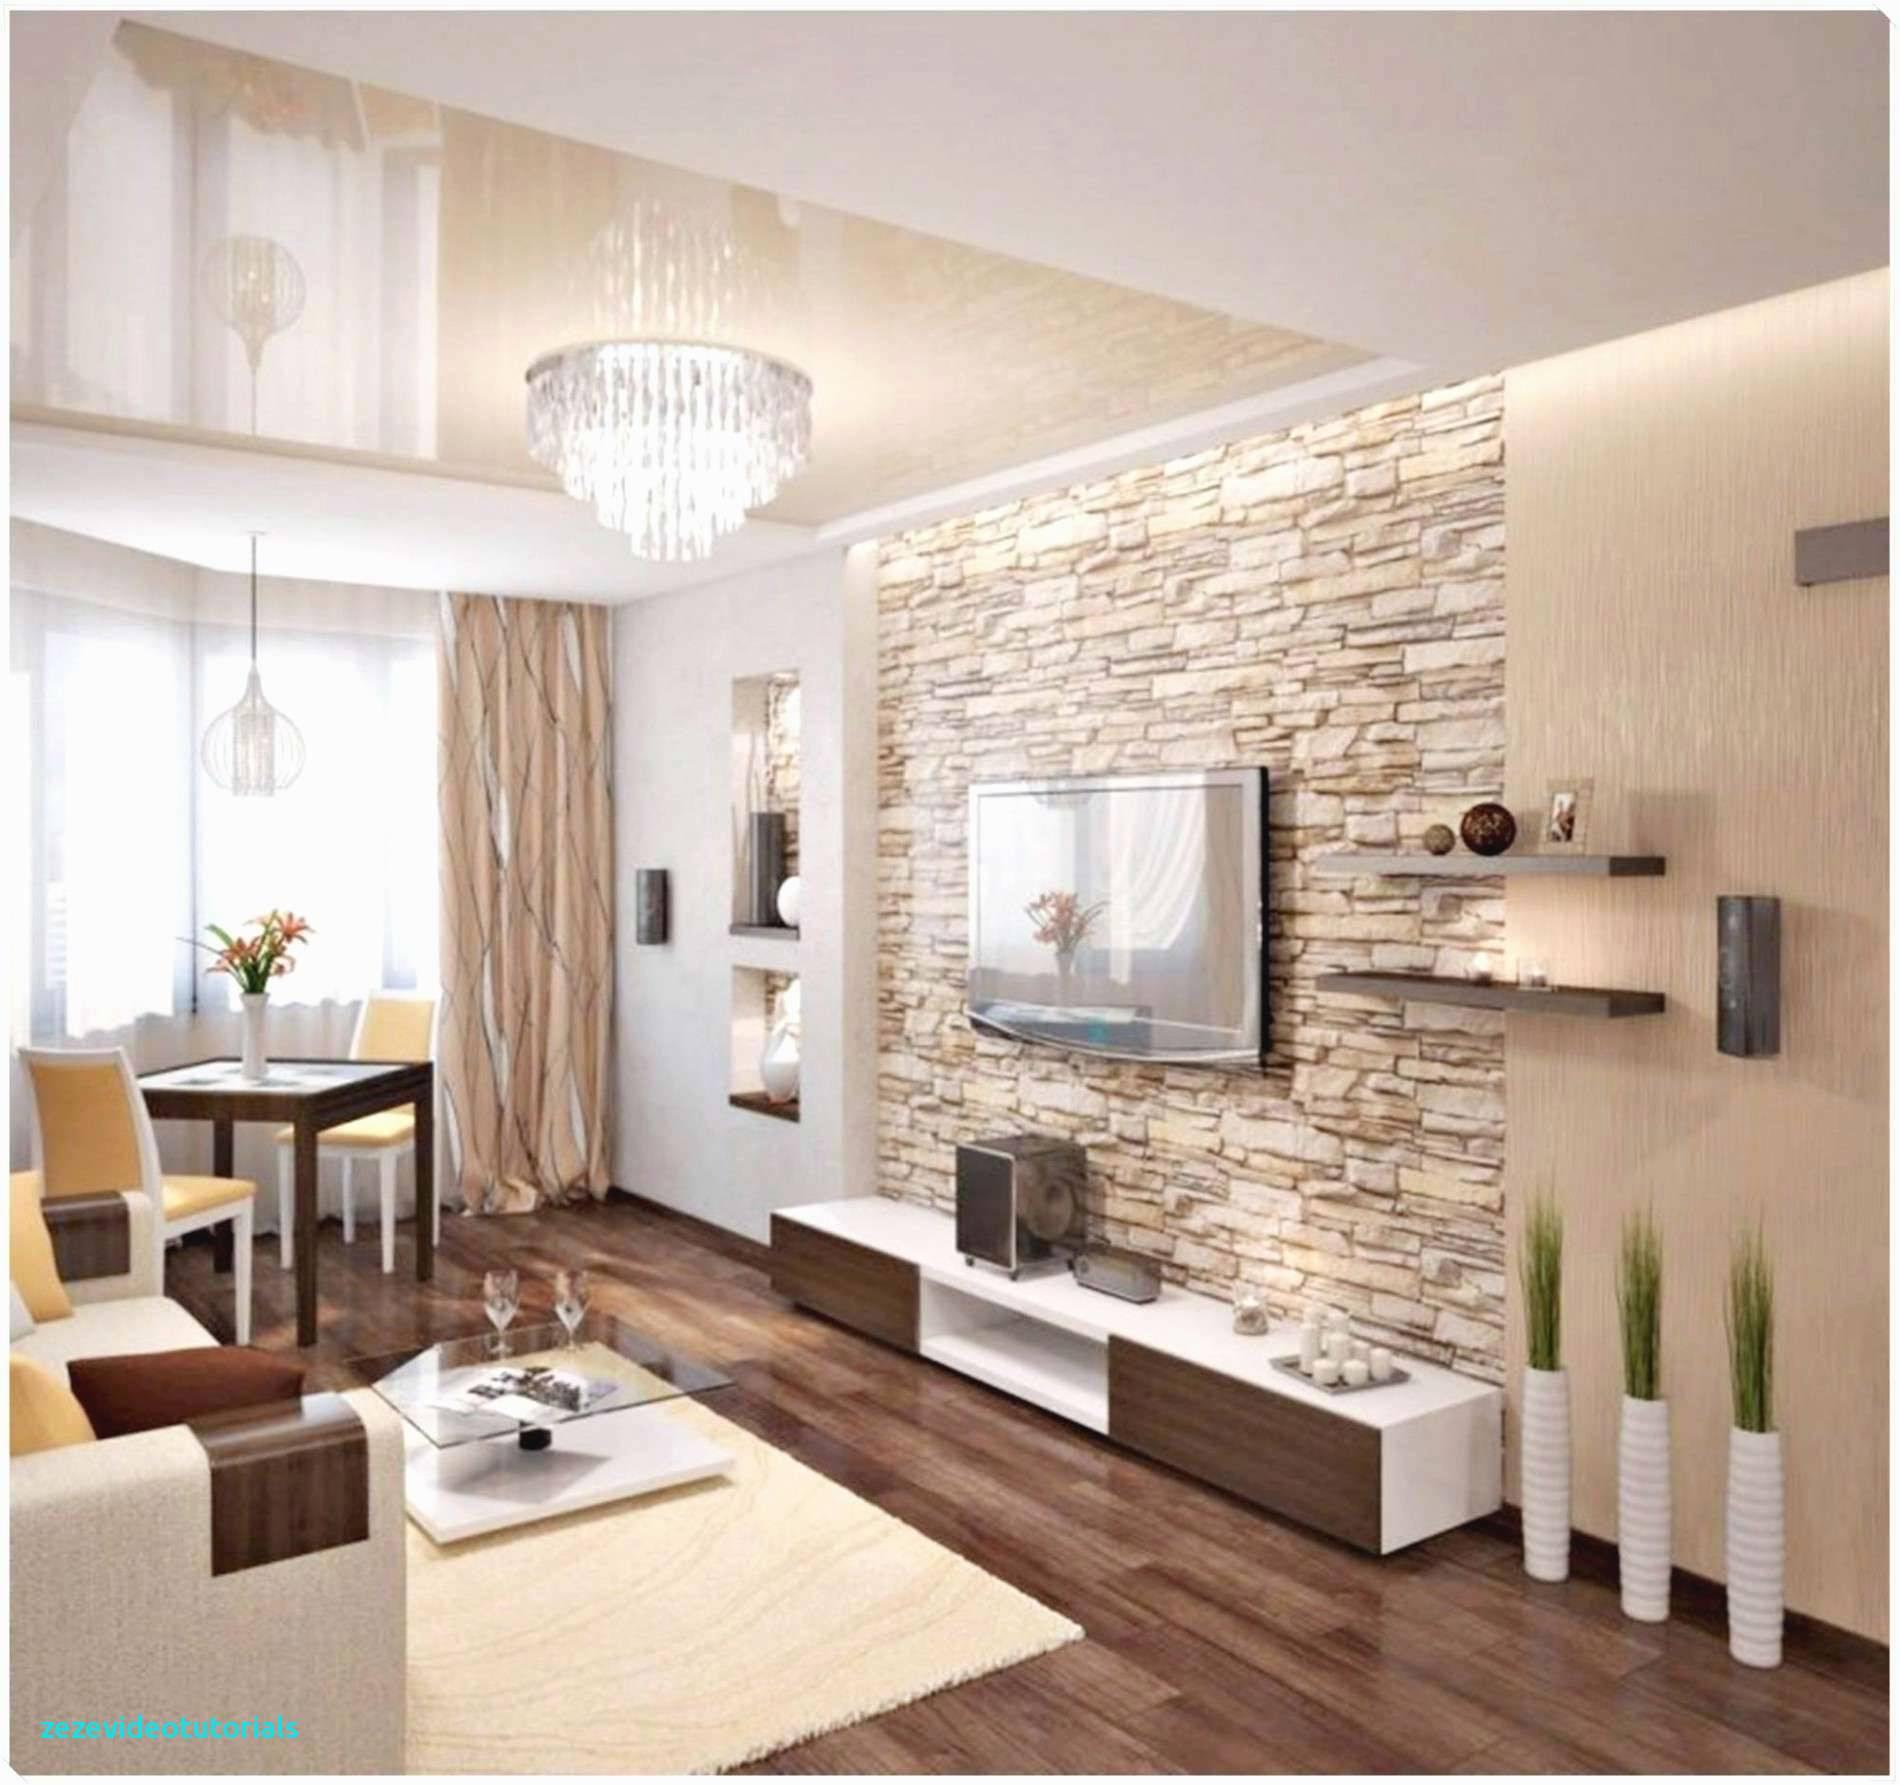 wohnzimmer dekoration online shop lieblich 48 schon wohnzimmer in grun dekorieren of wohnzimmer dekoration online shop